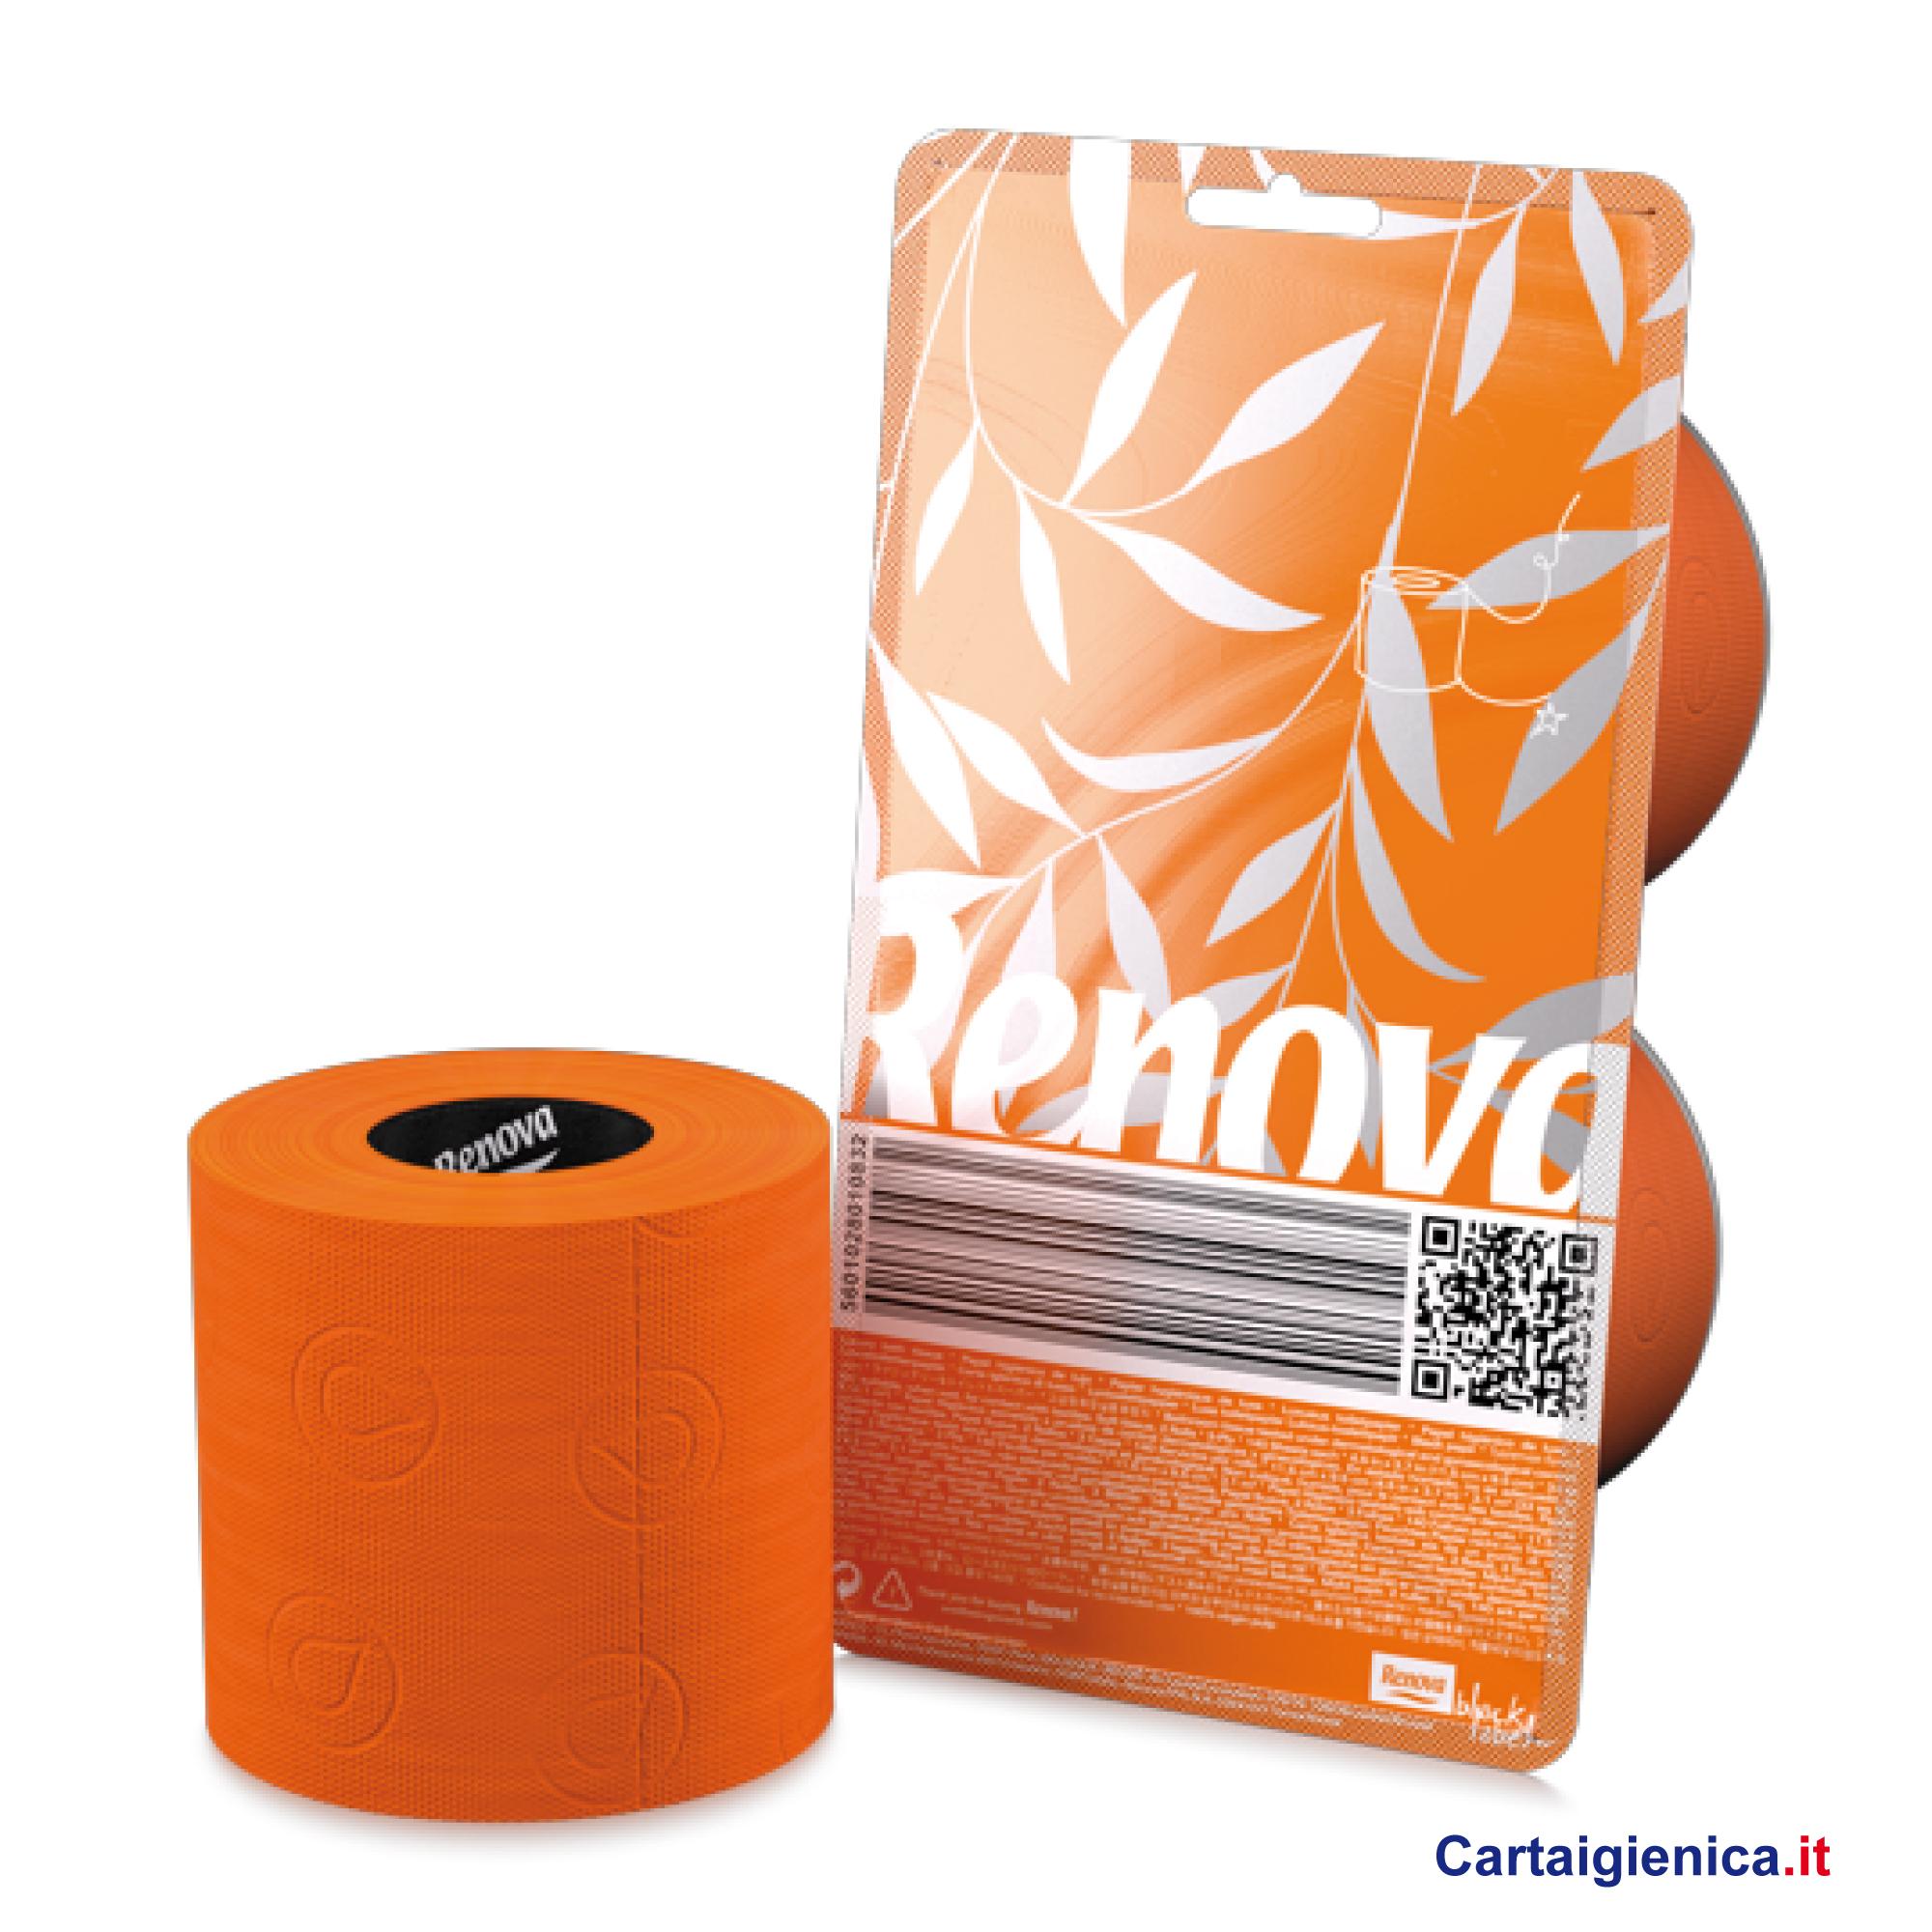 renova carta igienica colorata arancio 2 rotoli cartaigienica.it